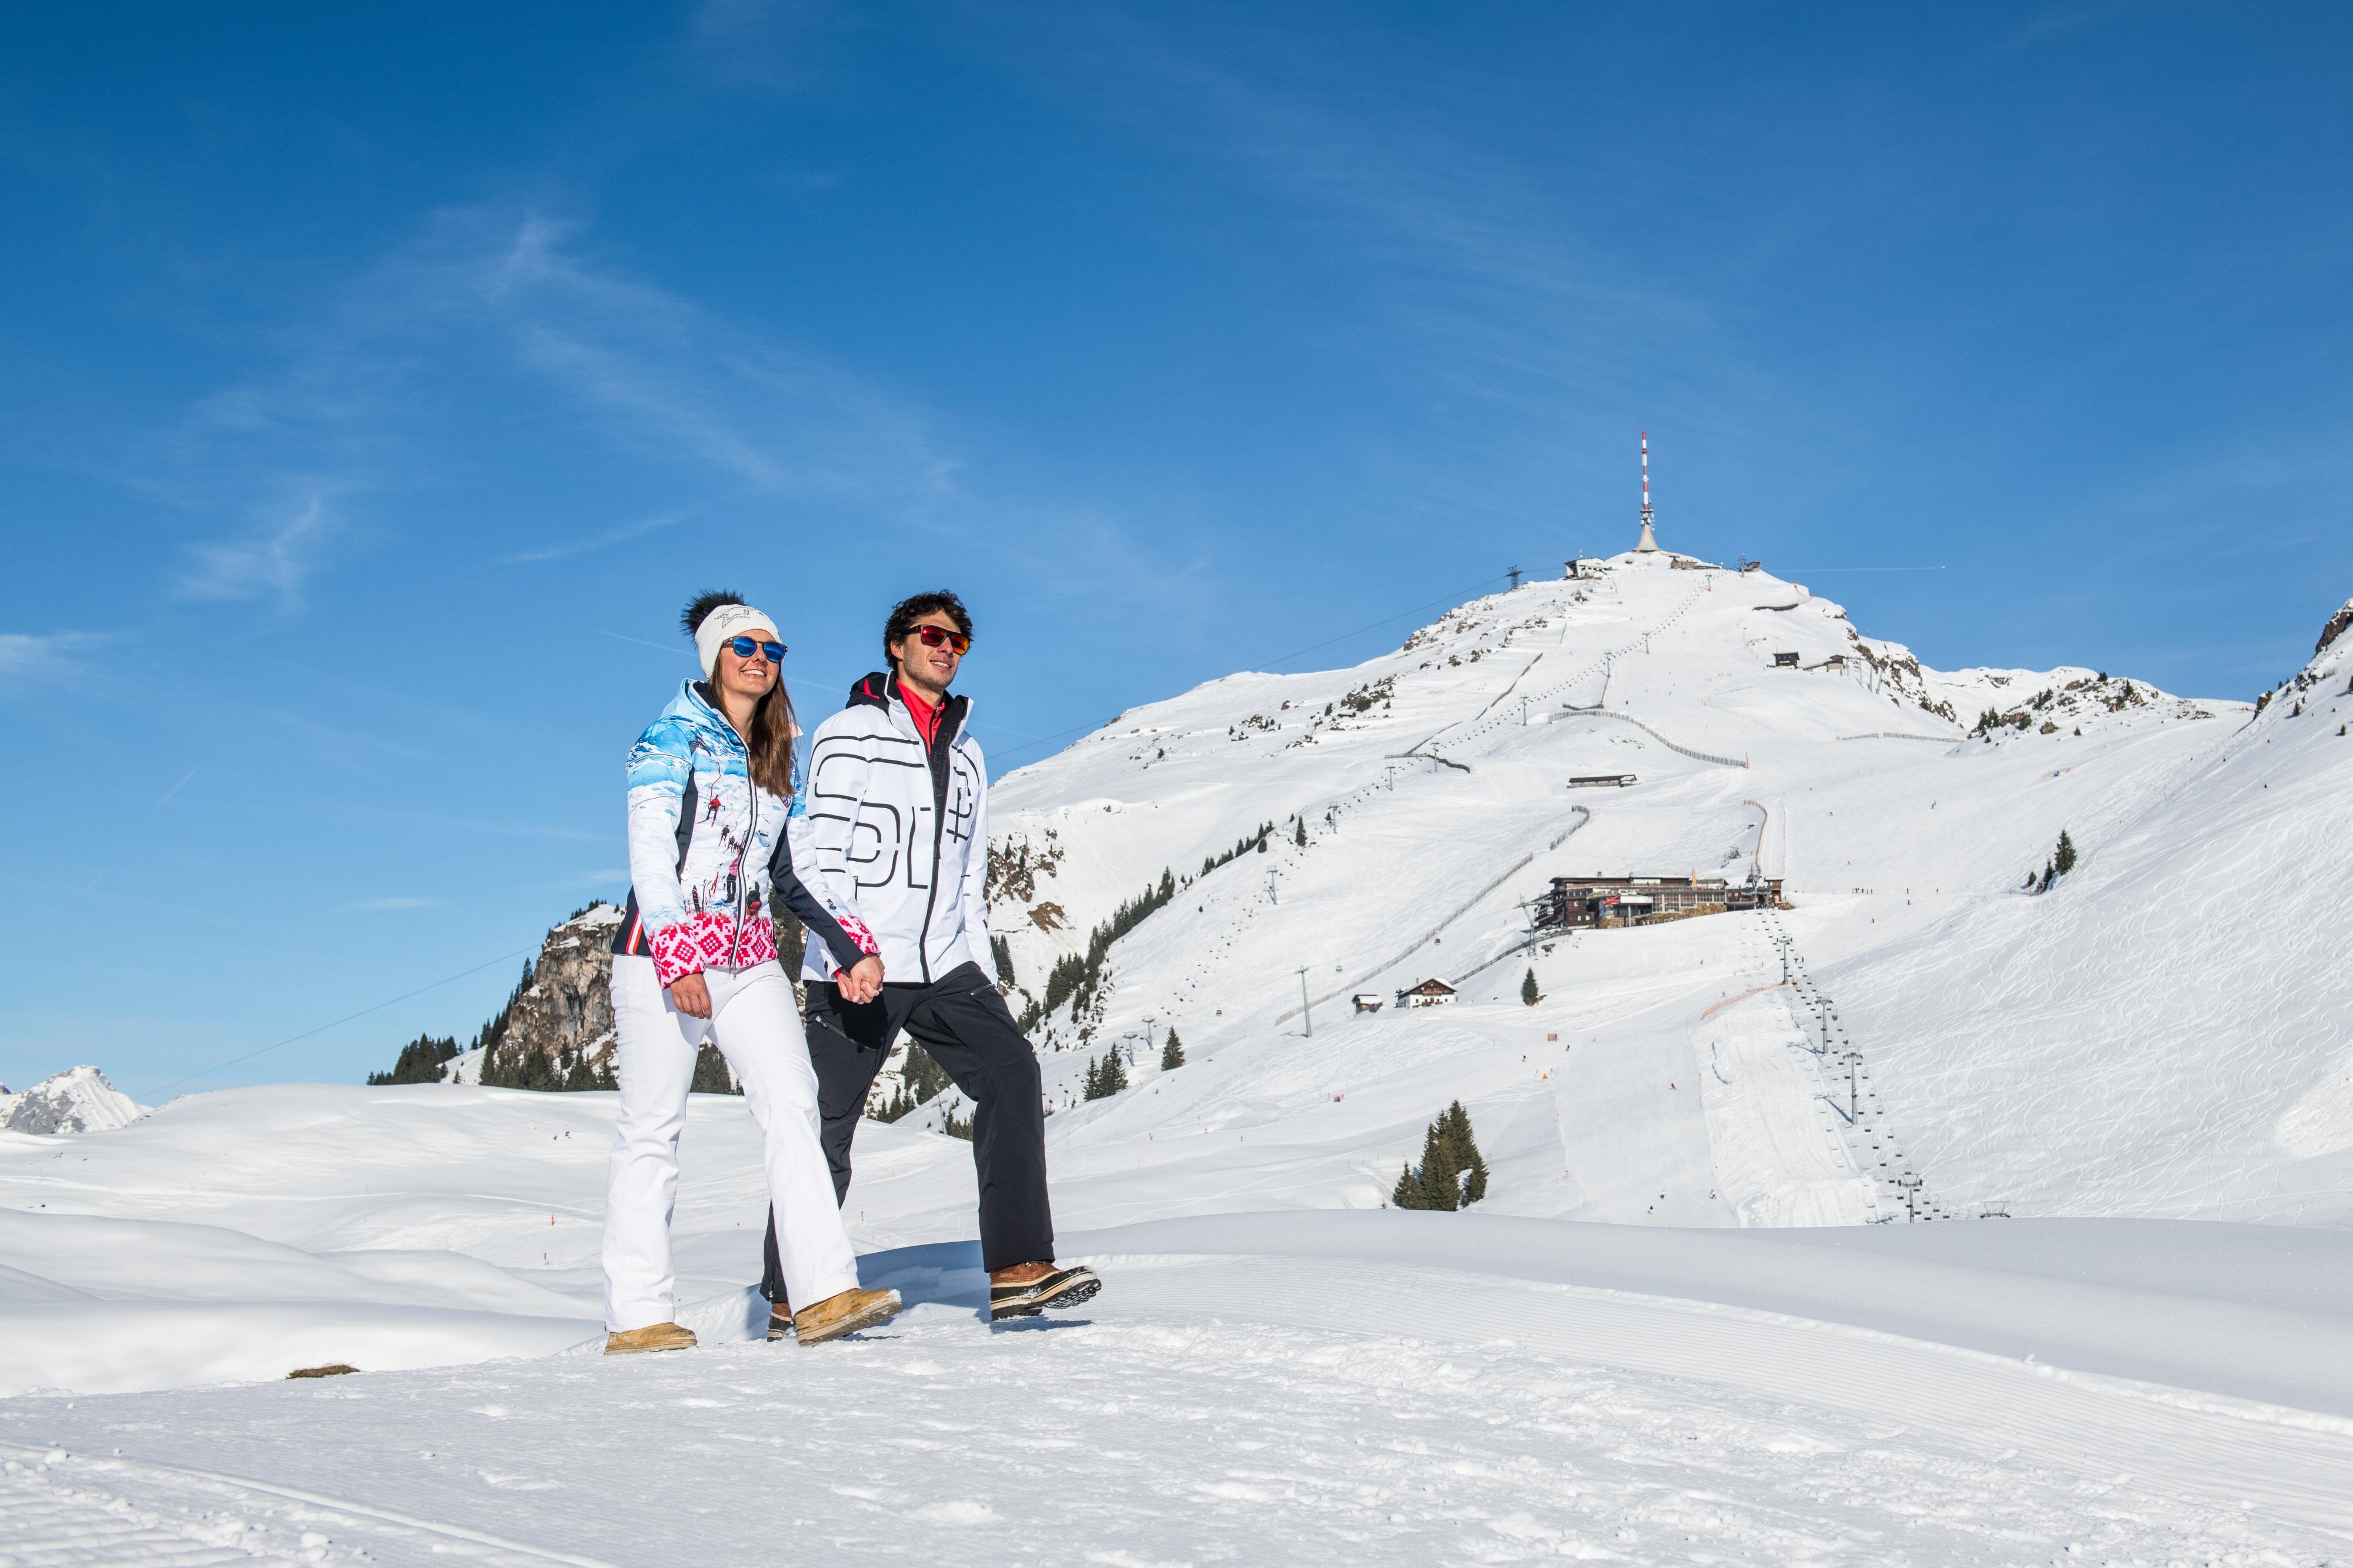 Spaziergang Wandern Winter als Paar mit Freund Freundin Kitzbühel Ausflug